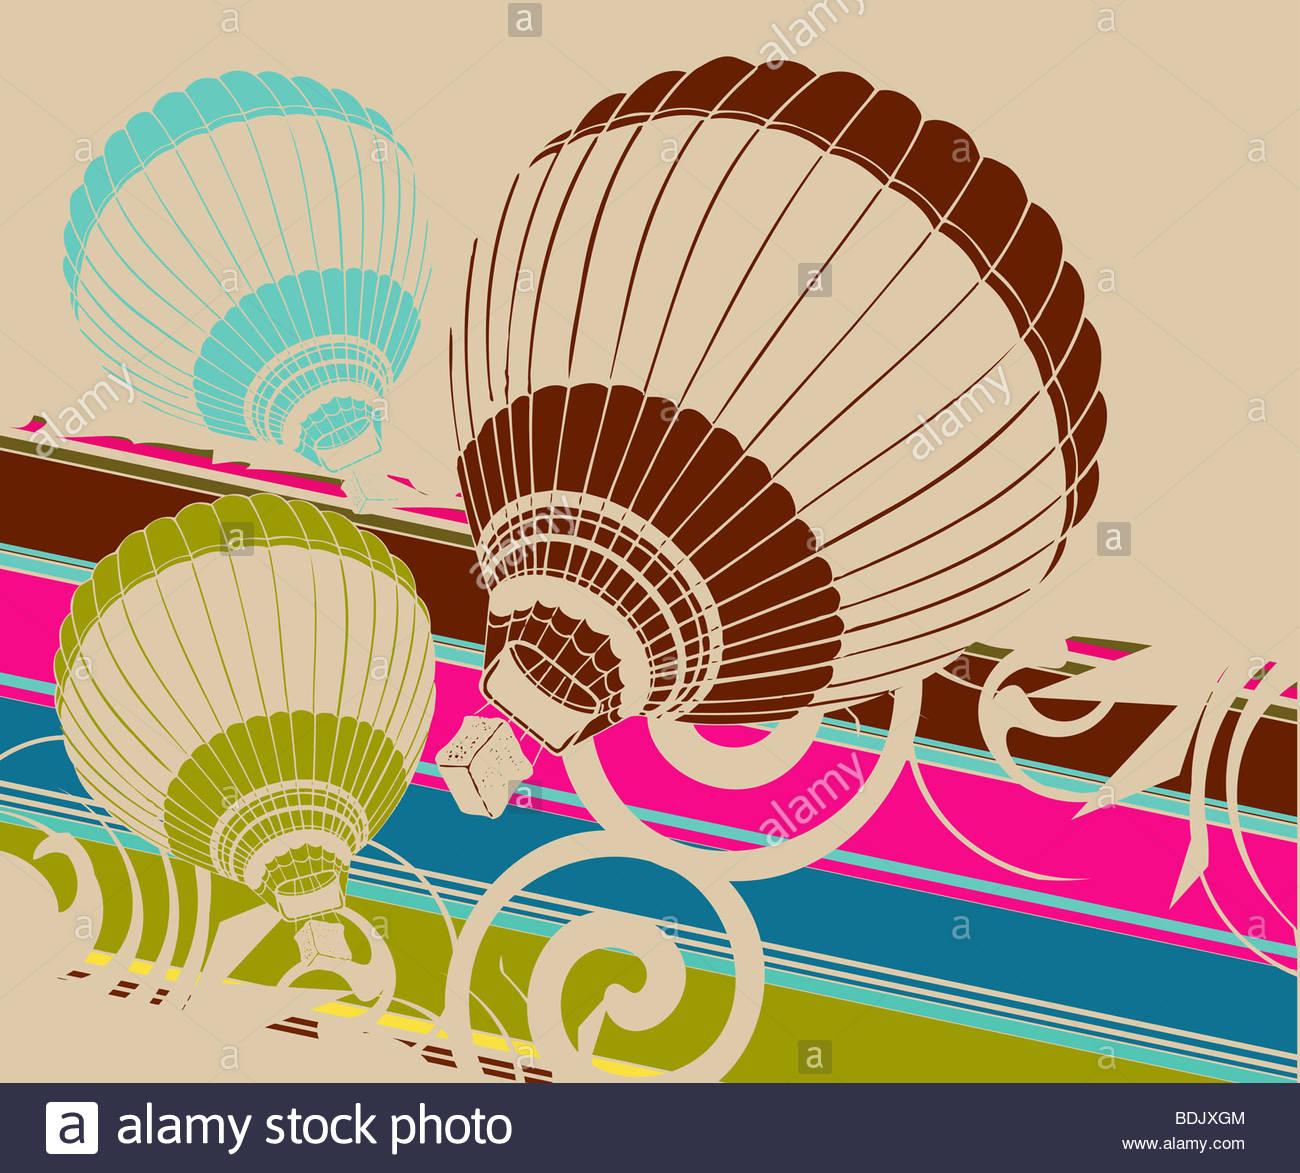 Urban Art Illustration, Vektor-Datei leicht zu bearbeiten oder Farbe zu ändern. Stockfoto